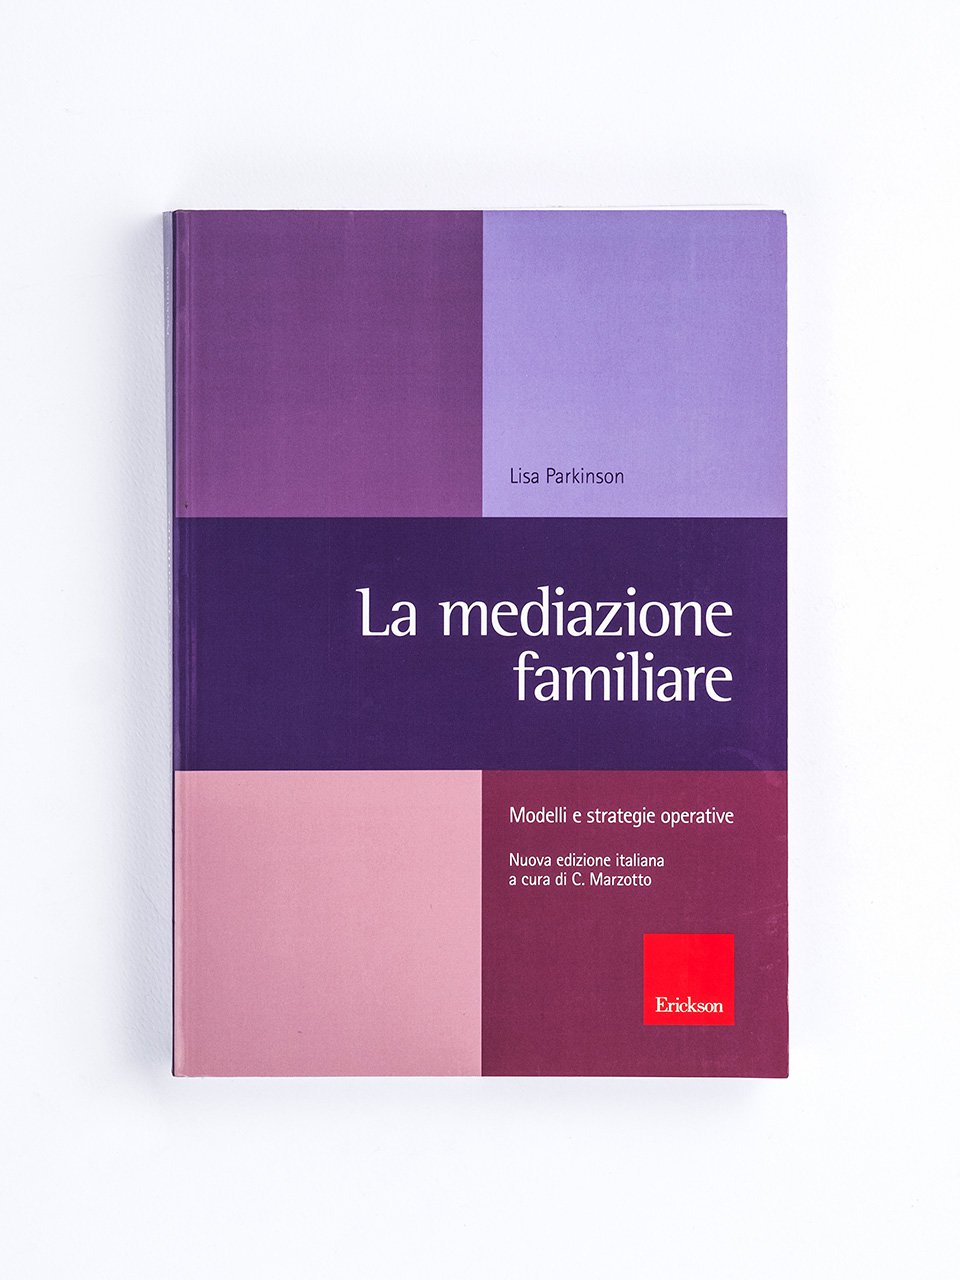 La mediazione familiare - Dalla tua parte - Libri - Erickson